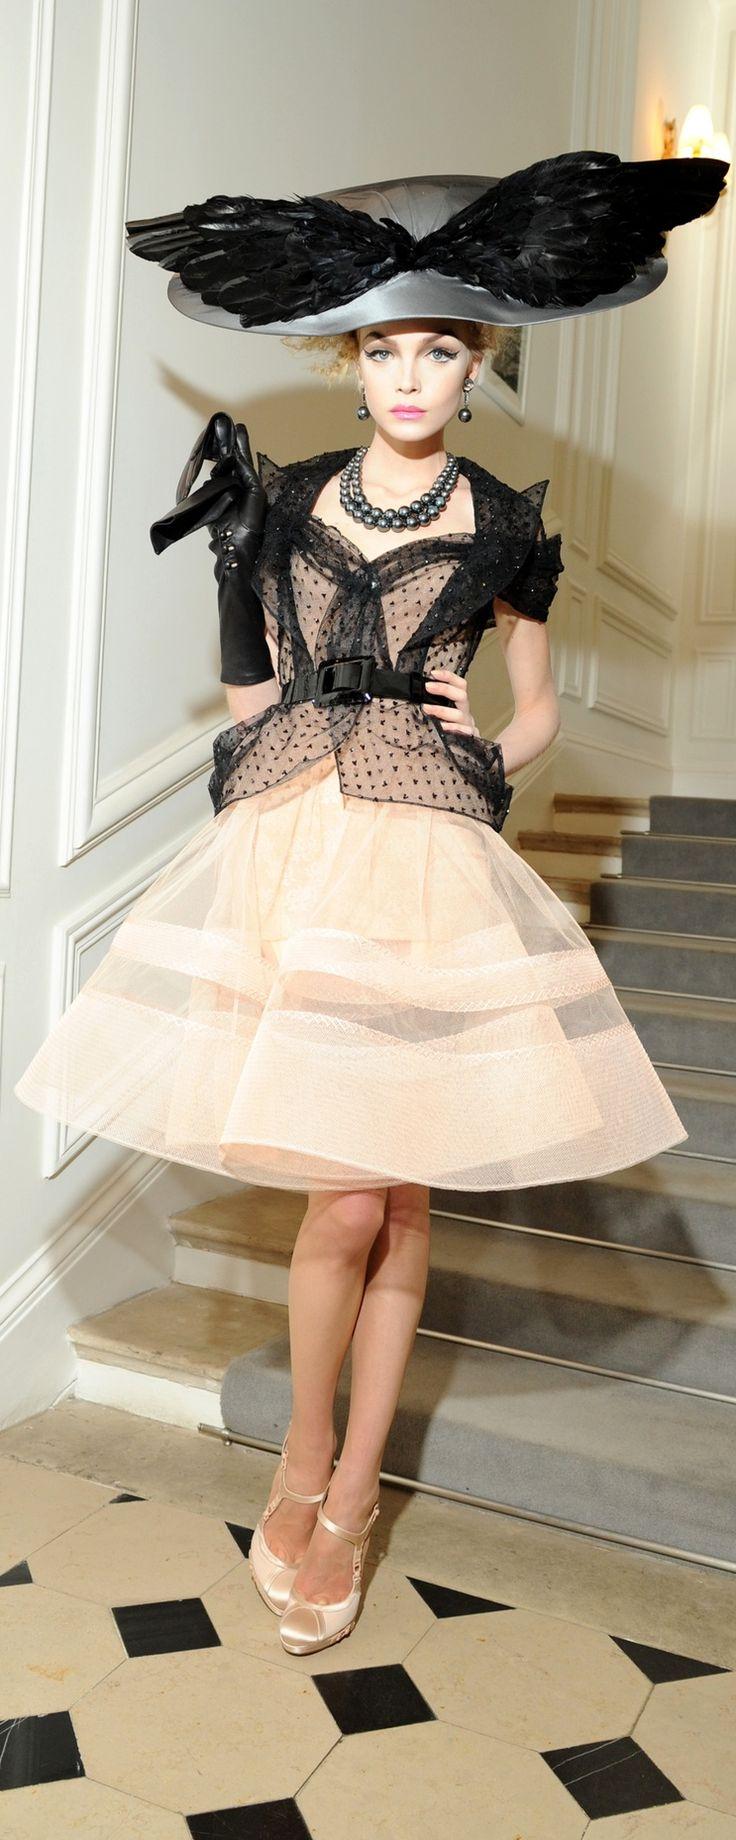 John Galliano for Christian Dior, Haute Couture, parfait pour le prix de Diane !